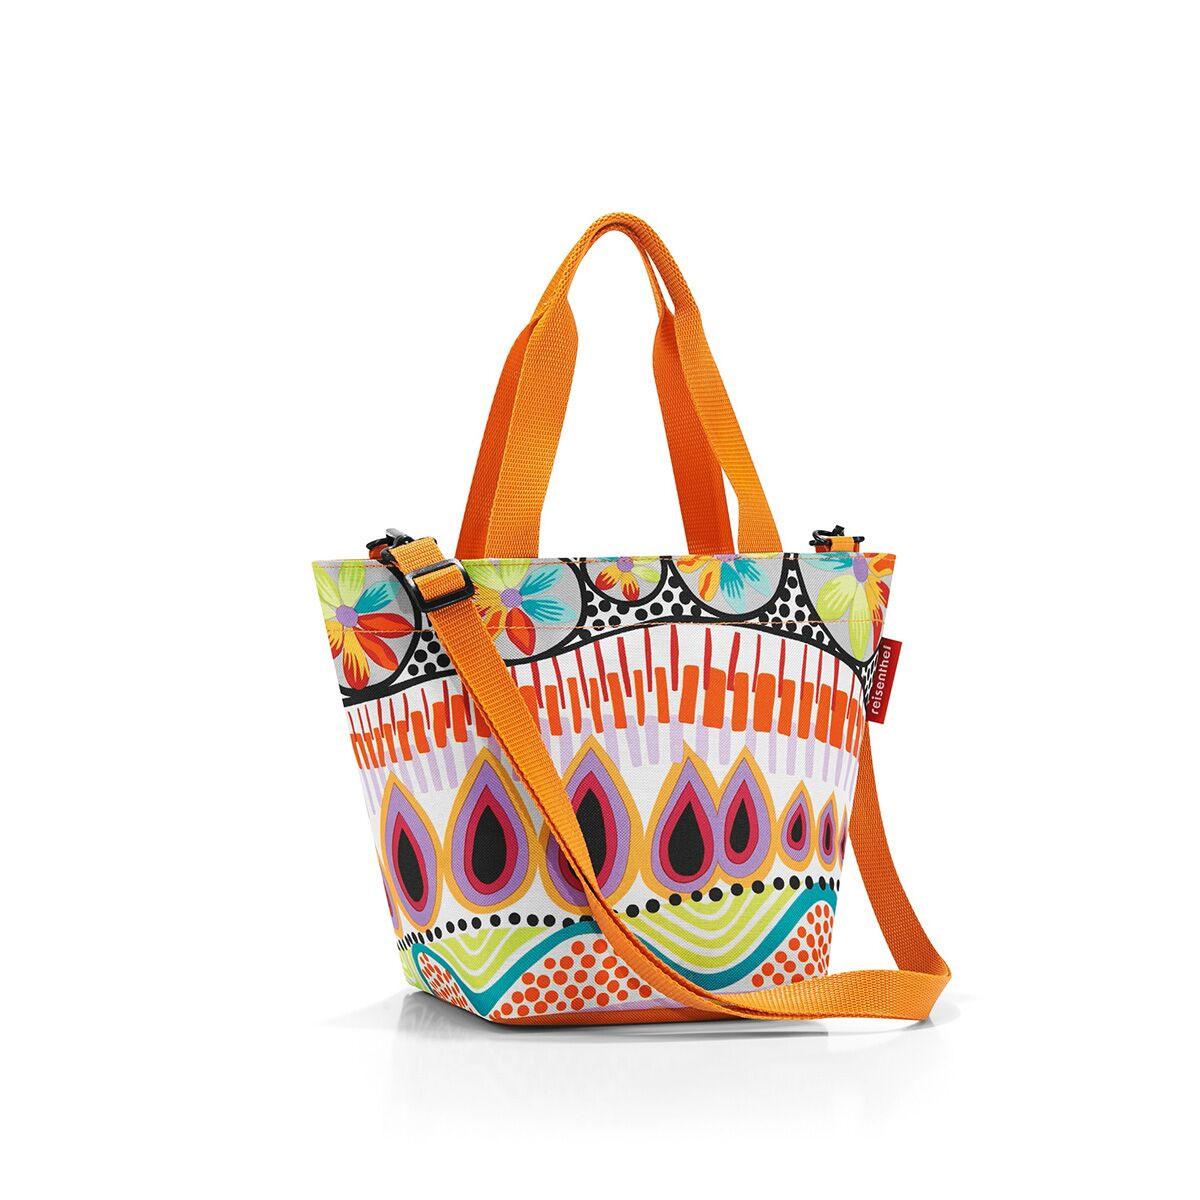 Сумка-шоппер жен. Reisenthel, цвет: мультиколор. ZR2020ZR2020Уменьшенная версия классической сумки. Симпатичная сумка для похода в магазин: широкие удобные лямки распряделяют нагрузку на плече, а объем 4 литра позволяет вместить необходимый батон хлеба, пакет молока и другие вкусности. Застегивается на молнию. Внутри - кармашек на молнии для мелочей. Две ручки плюс ремешок с регулируемой длиной. Специальное уплотненное днище для стабильности. Серия special edition - это лимитированные модели сумок с уникальными принтами. Сочетают расцветки разных коллекций, а также имеют вышивку и аппликацию.